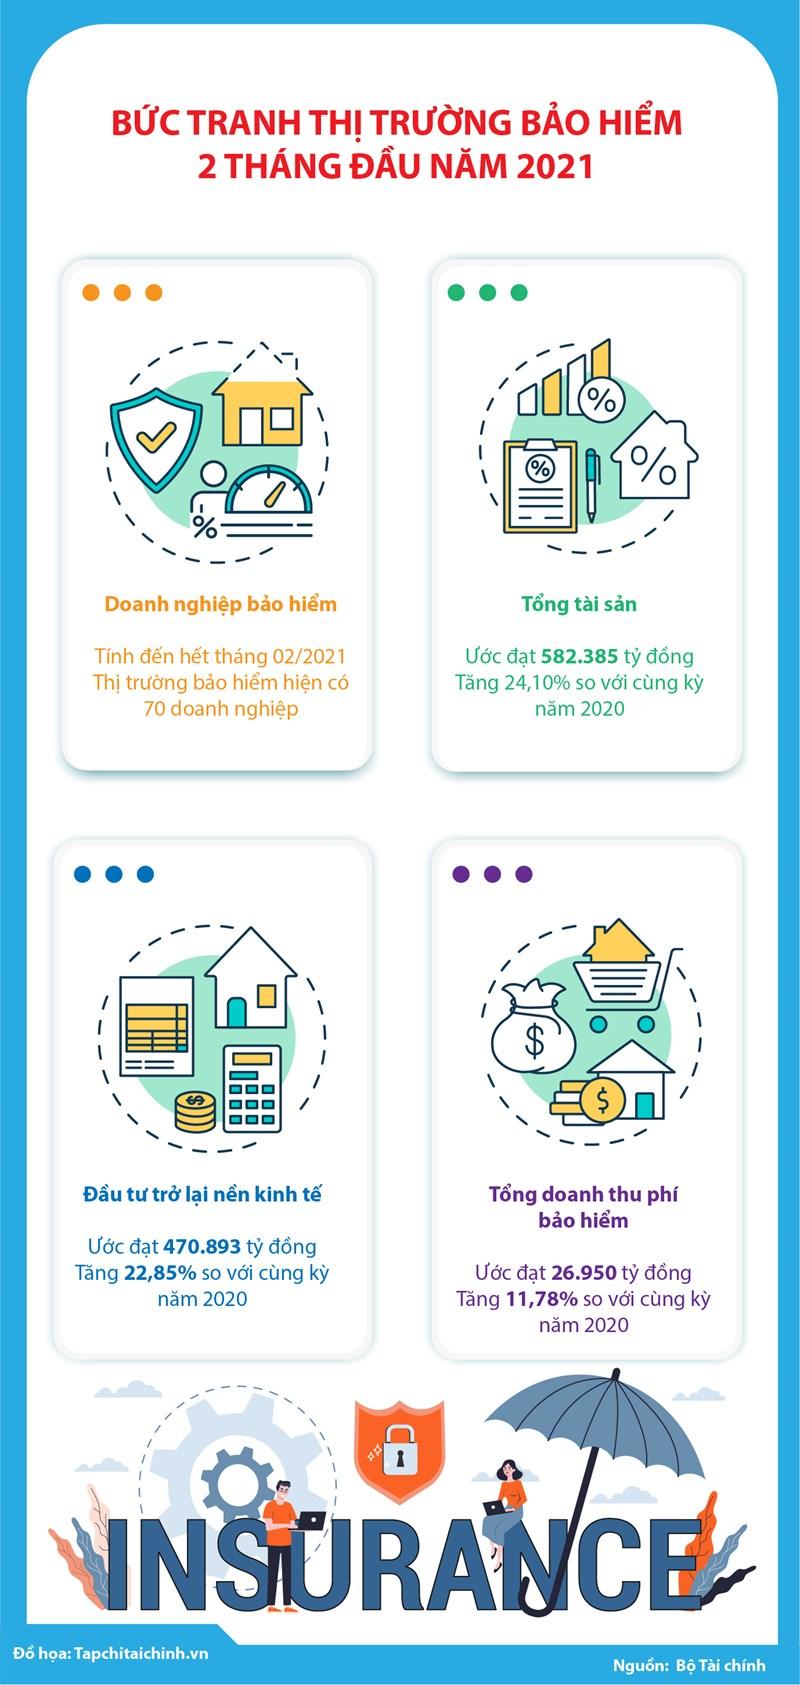 [Infographics] Bức tranh thị trường bảo hiểm Việt Nam 2 tháng đầu năm 2021 - Ảnh 1